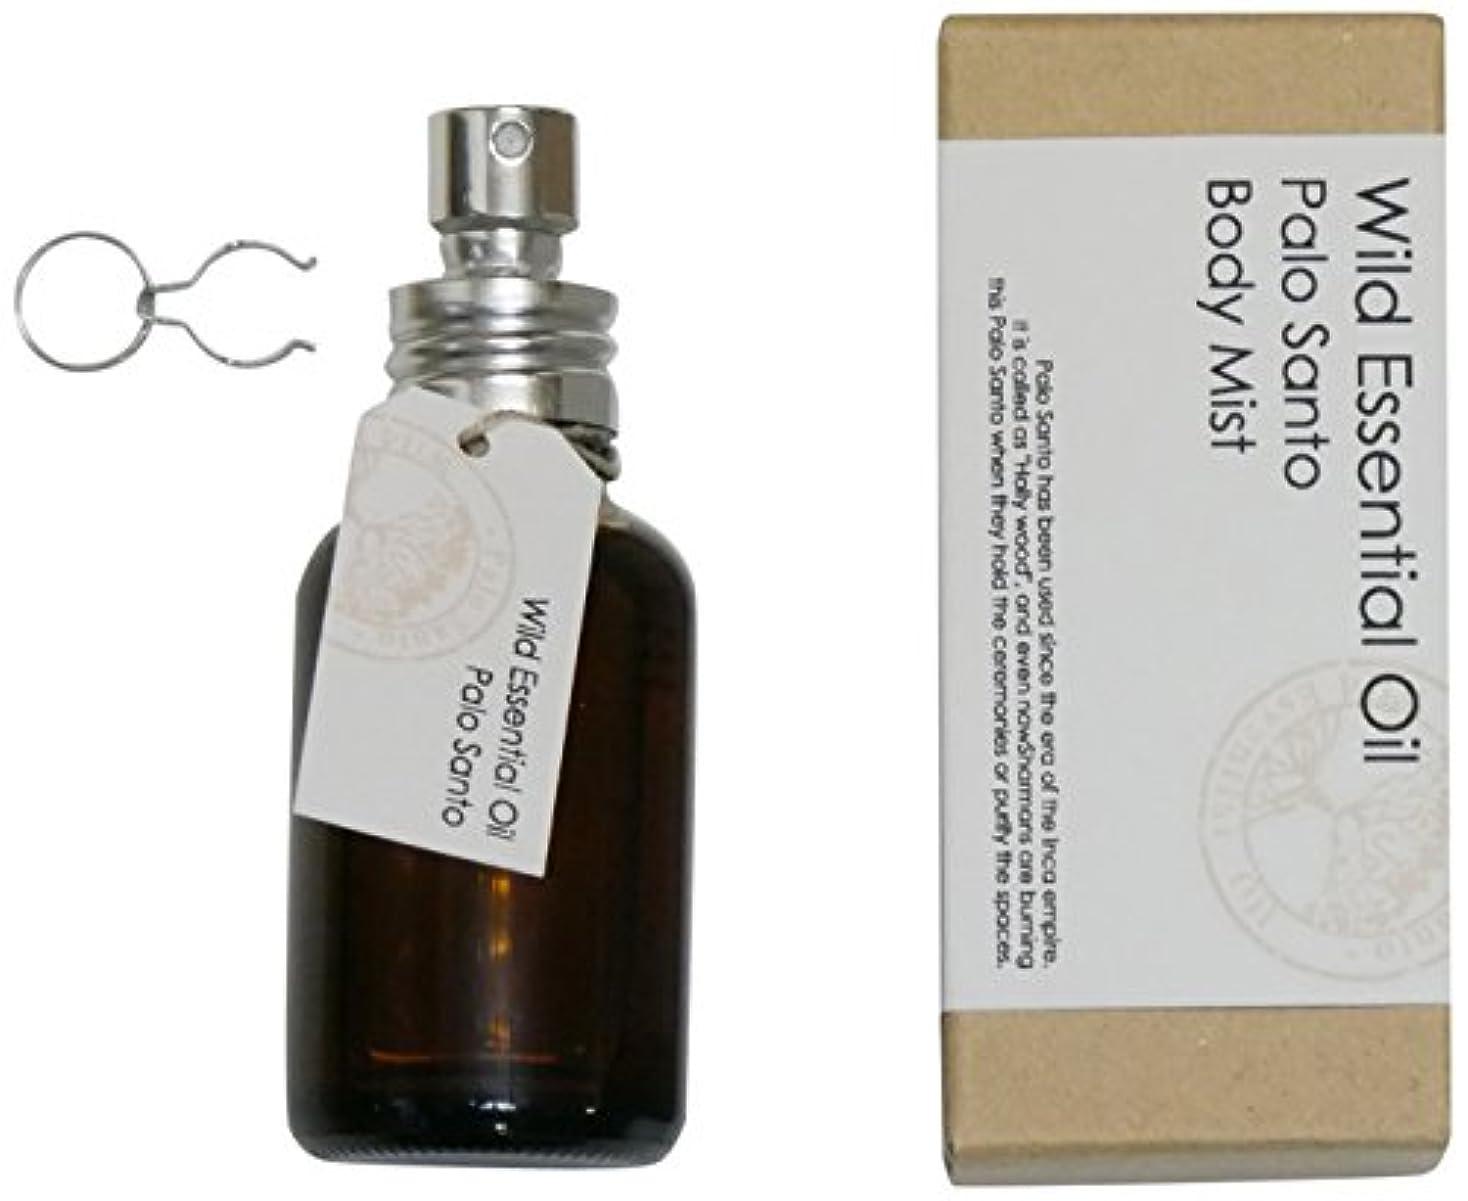 呼吸同化リットルアロマレコルト ボディミスト パロサント 【Palo Santo】 ワイルド エッセンシャルオイル wild essential oil body mist arome recolte